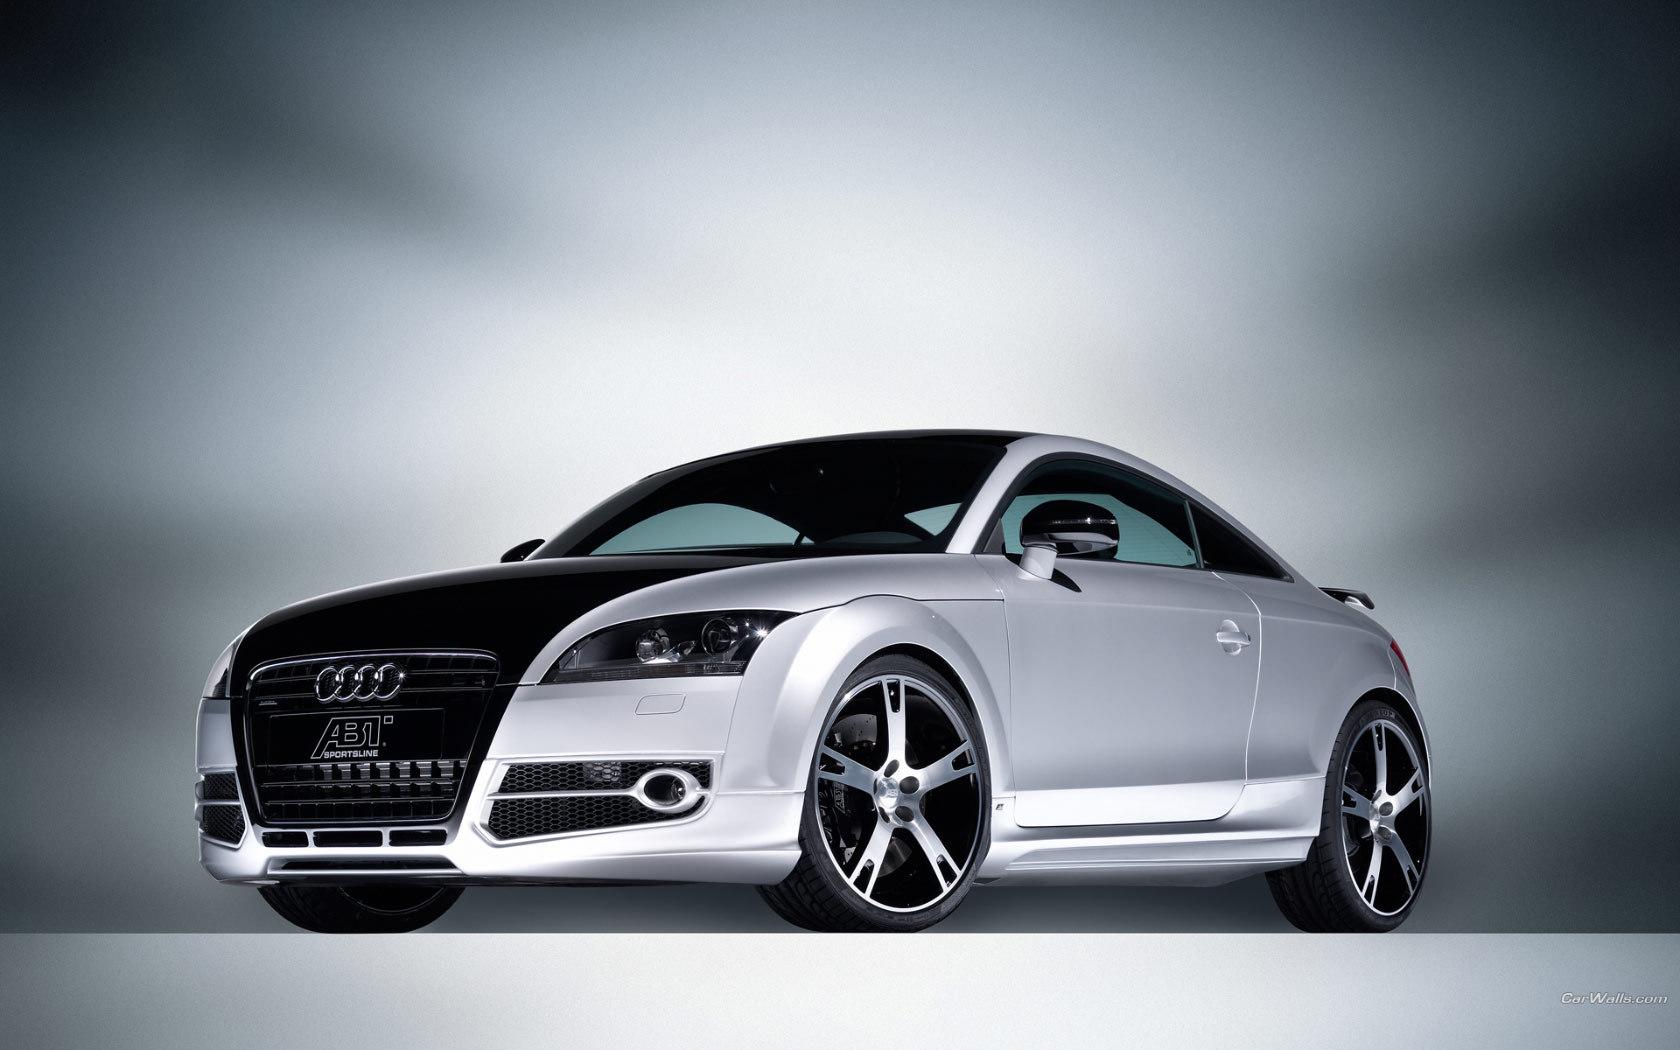 9704 скачать обои Транспорт, Машины, Ауди (Audi) - заставки и картинки бесплатно